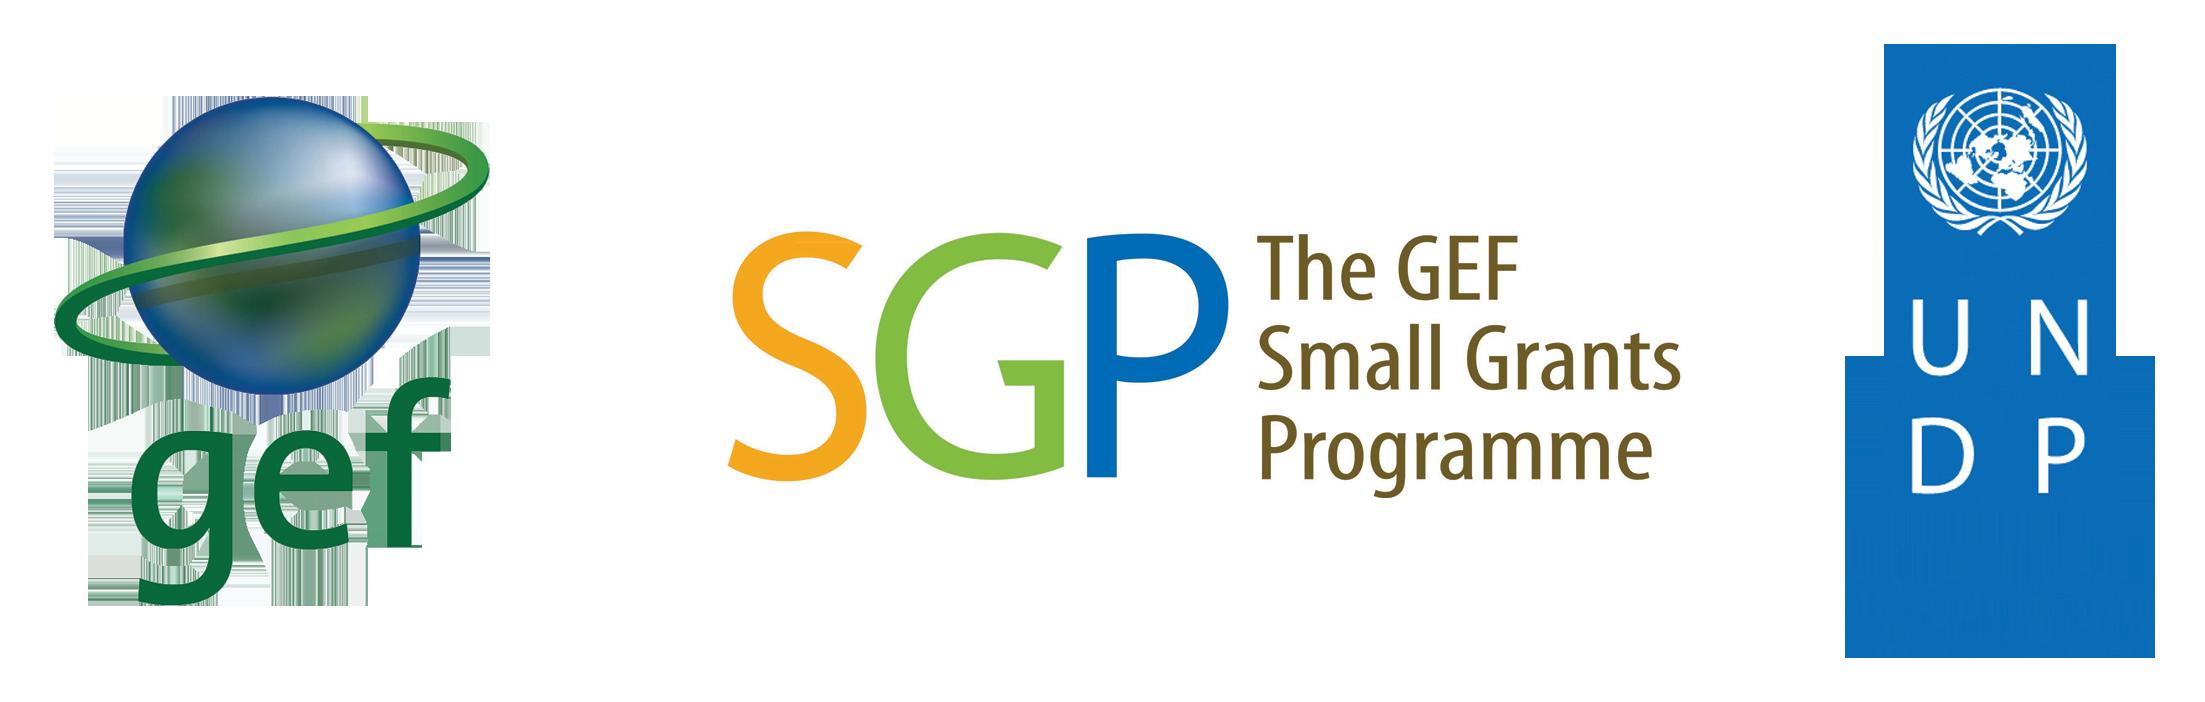 GEF-SGP